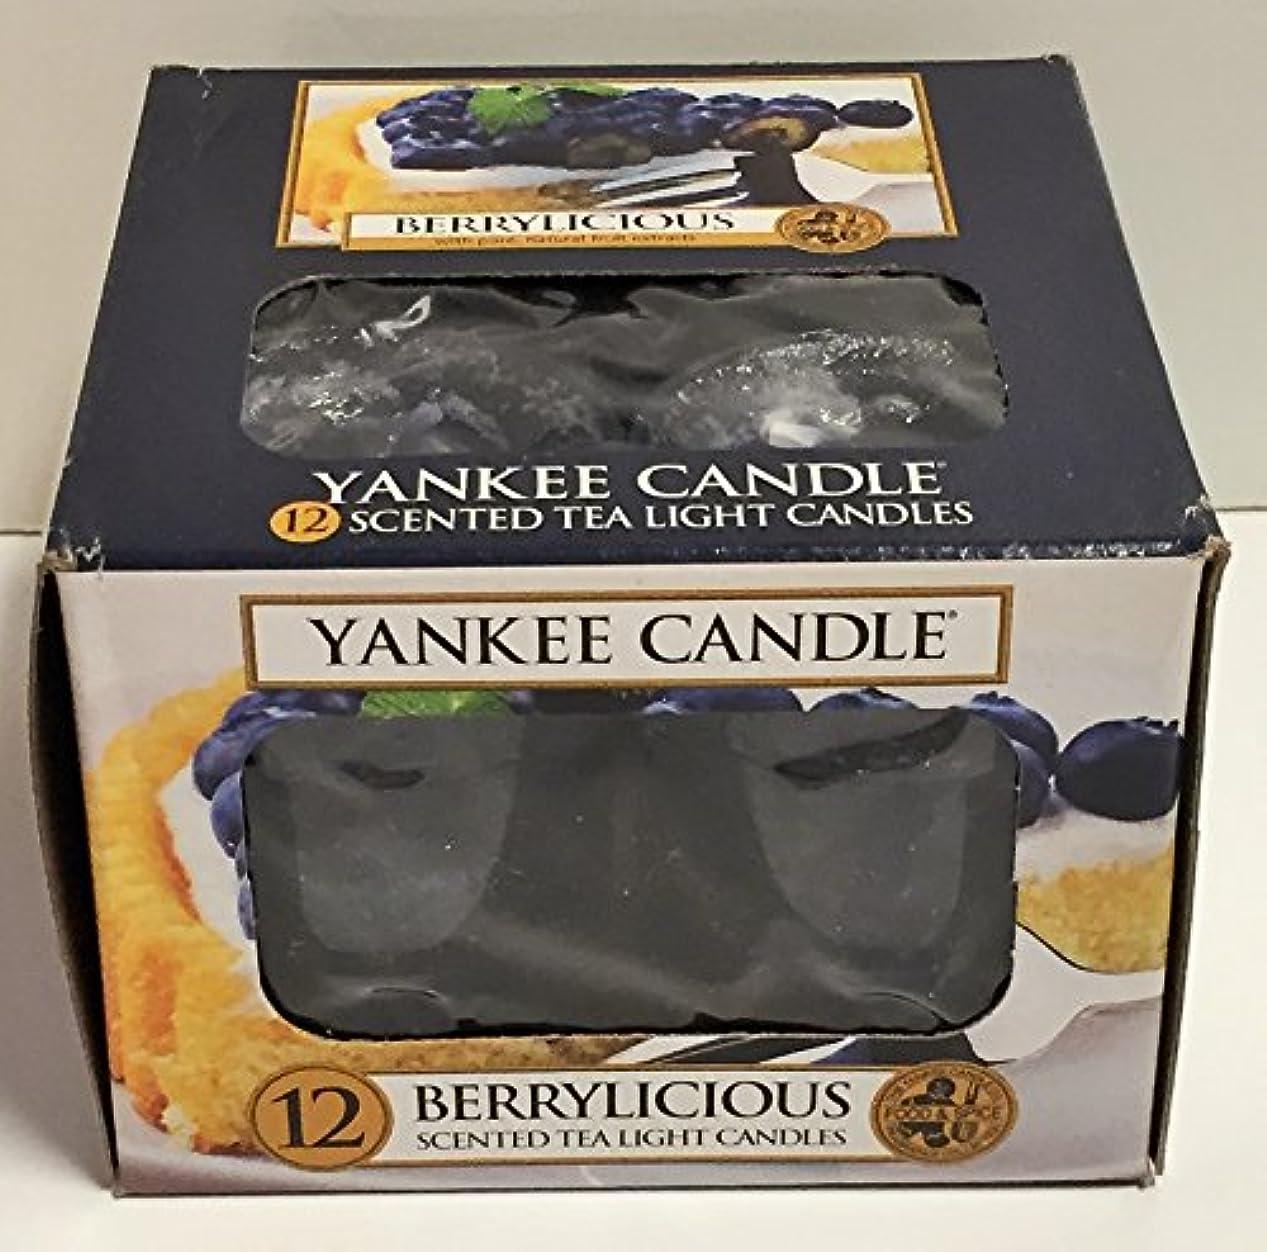 良いカリング傷跡Yankee Candle Berrylicious、フルーツ香り Scented Tea Lights ブルー 1311125